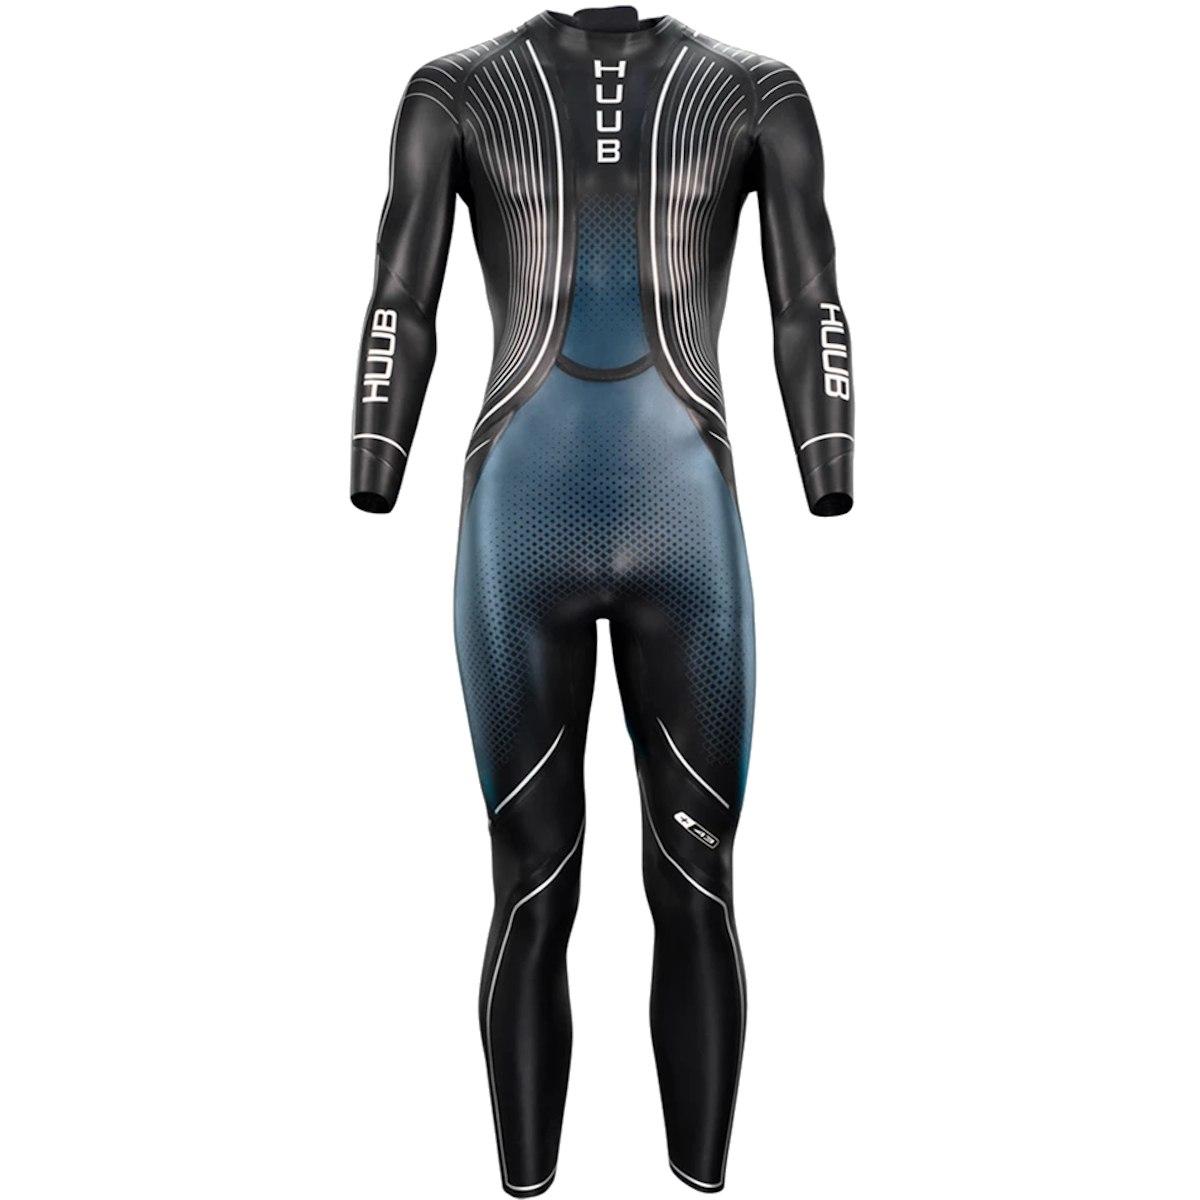 Produktbild von HUUB Design Brownlee Agilis 3:5 Herren Wetsuit - schwarz/blau